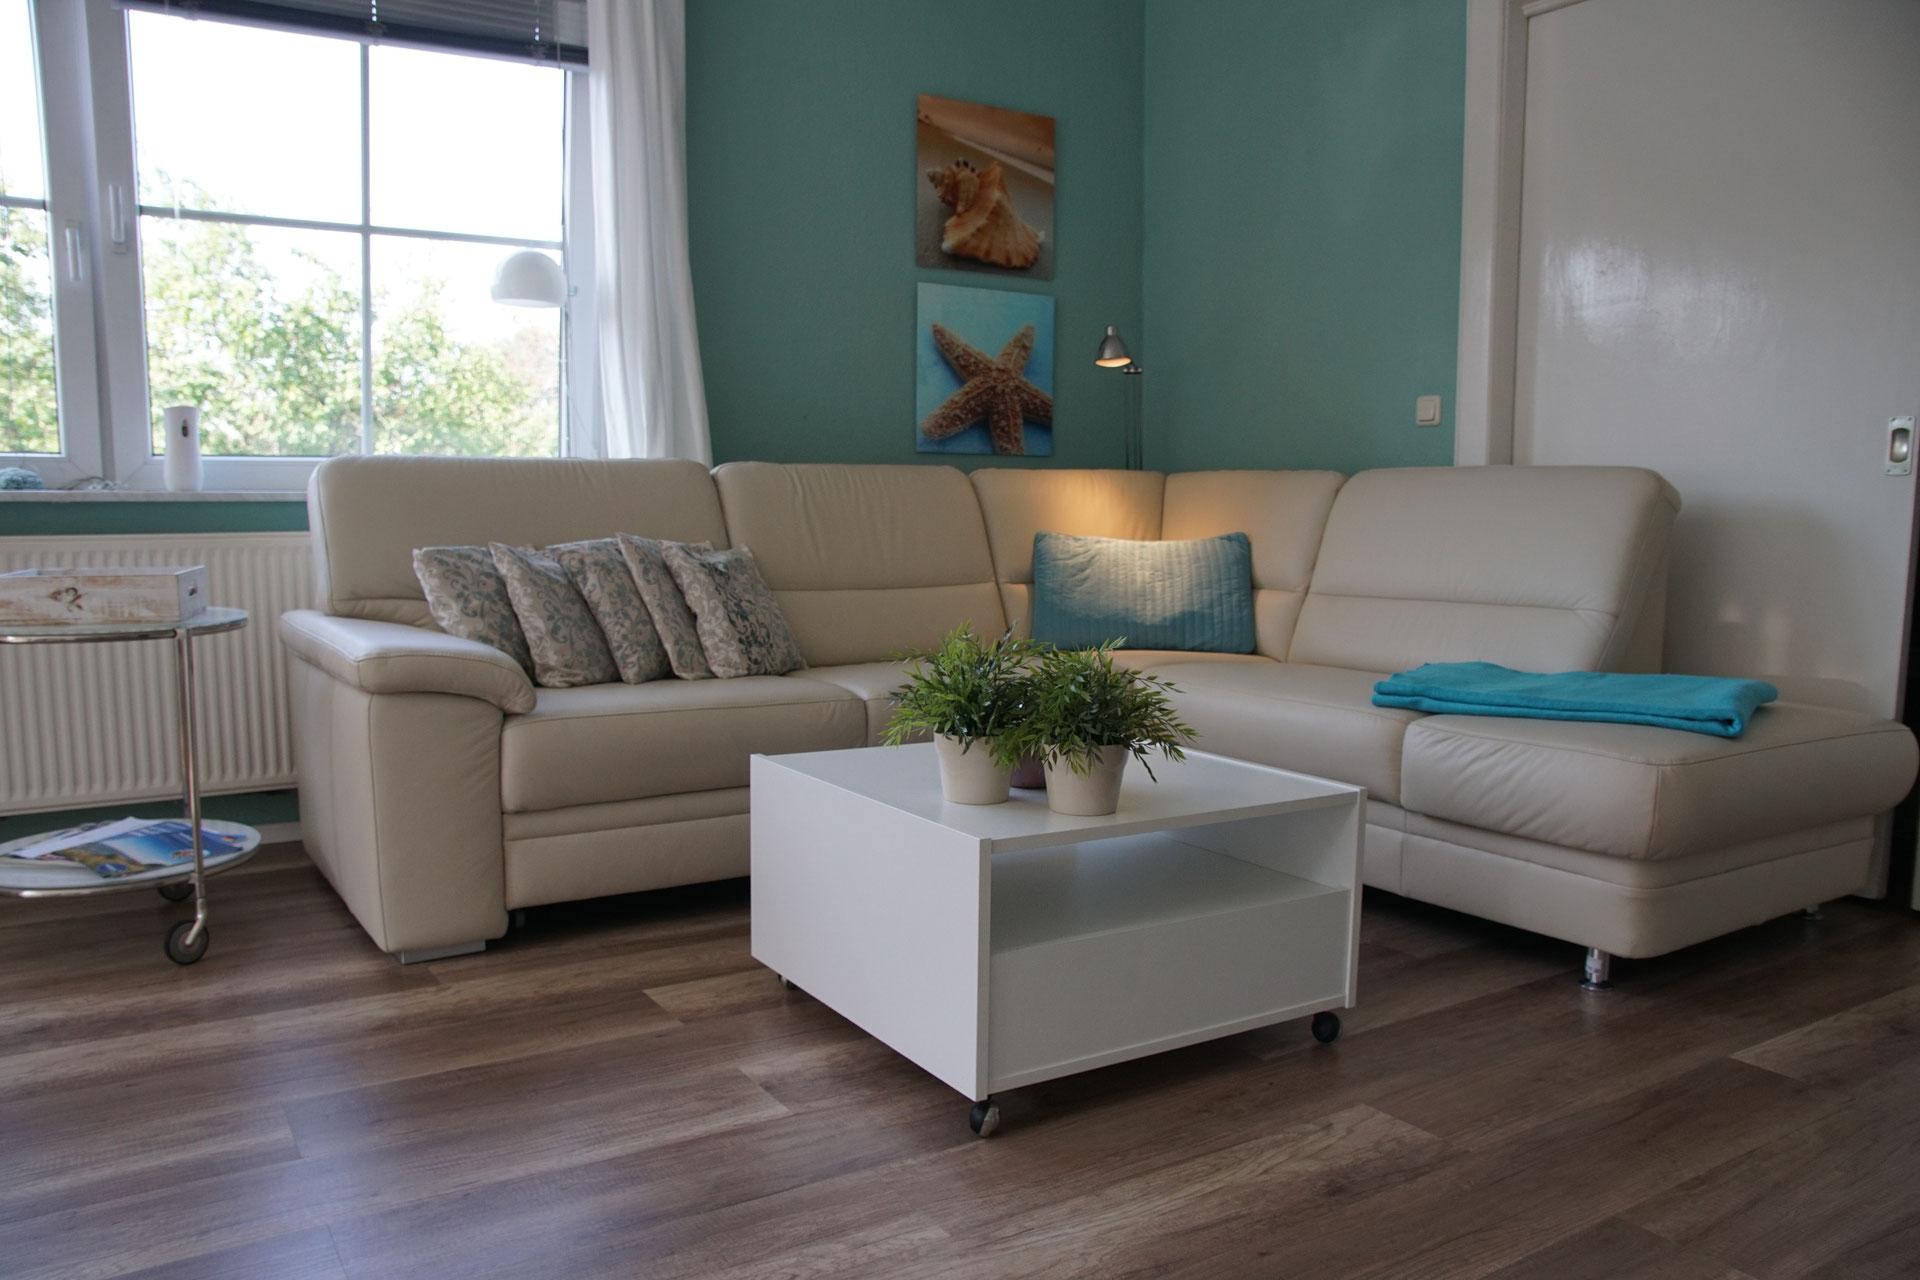 bilder der fewo und eckernf rde die sch nsten ferienwohnungen f r ihren ostseeurlaub in. Black Bedroom Furniture Sets. Home Design Ideas